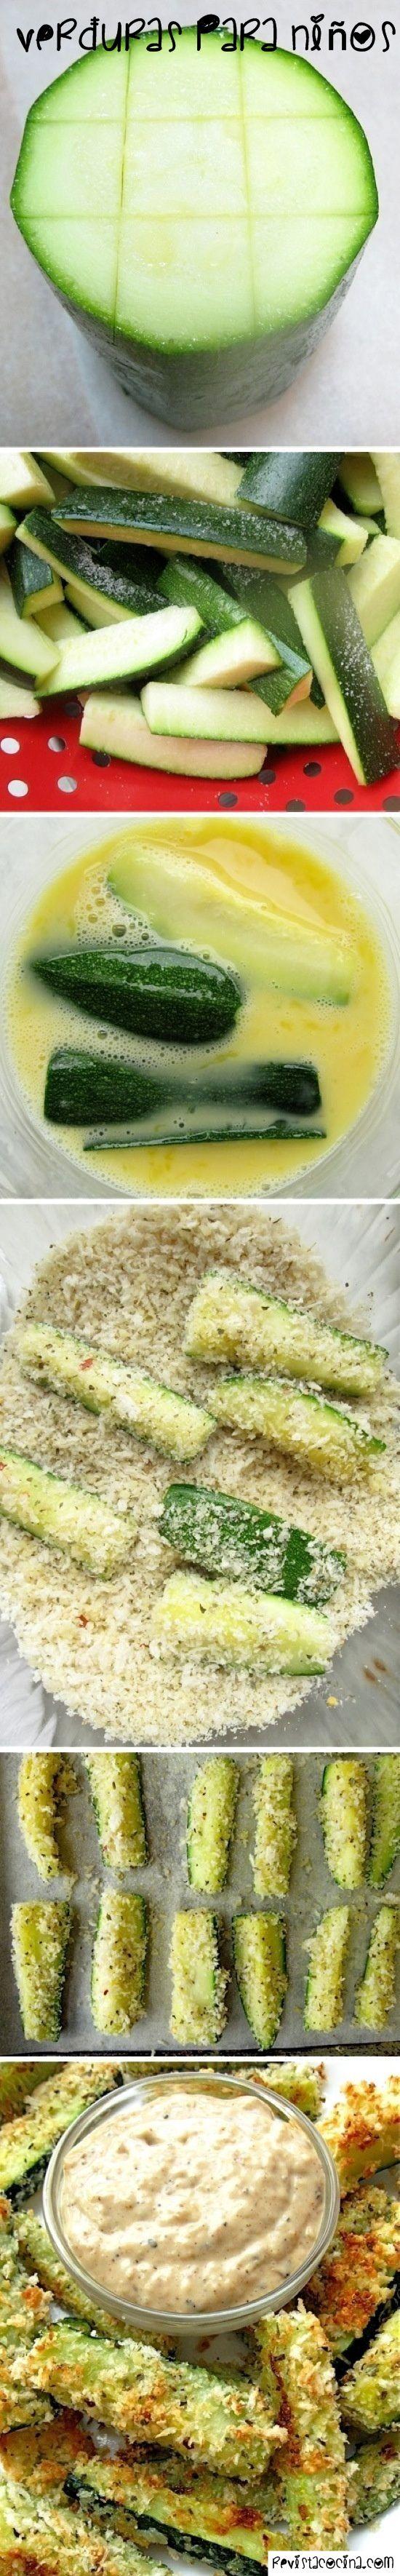 Recetas de verduras para niños, ñam!  www.RevistaCocina.com